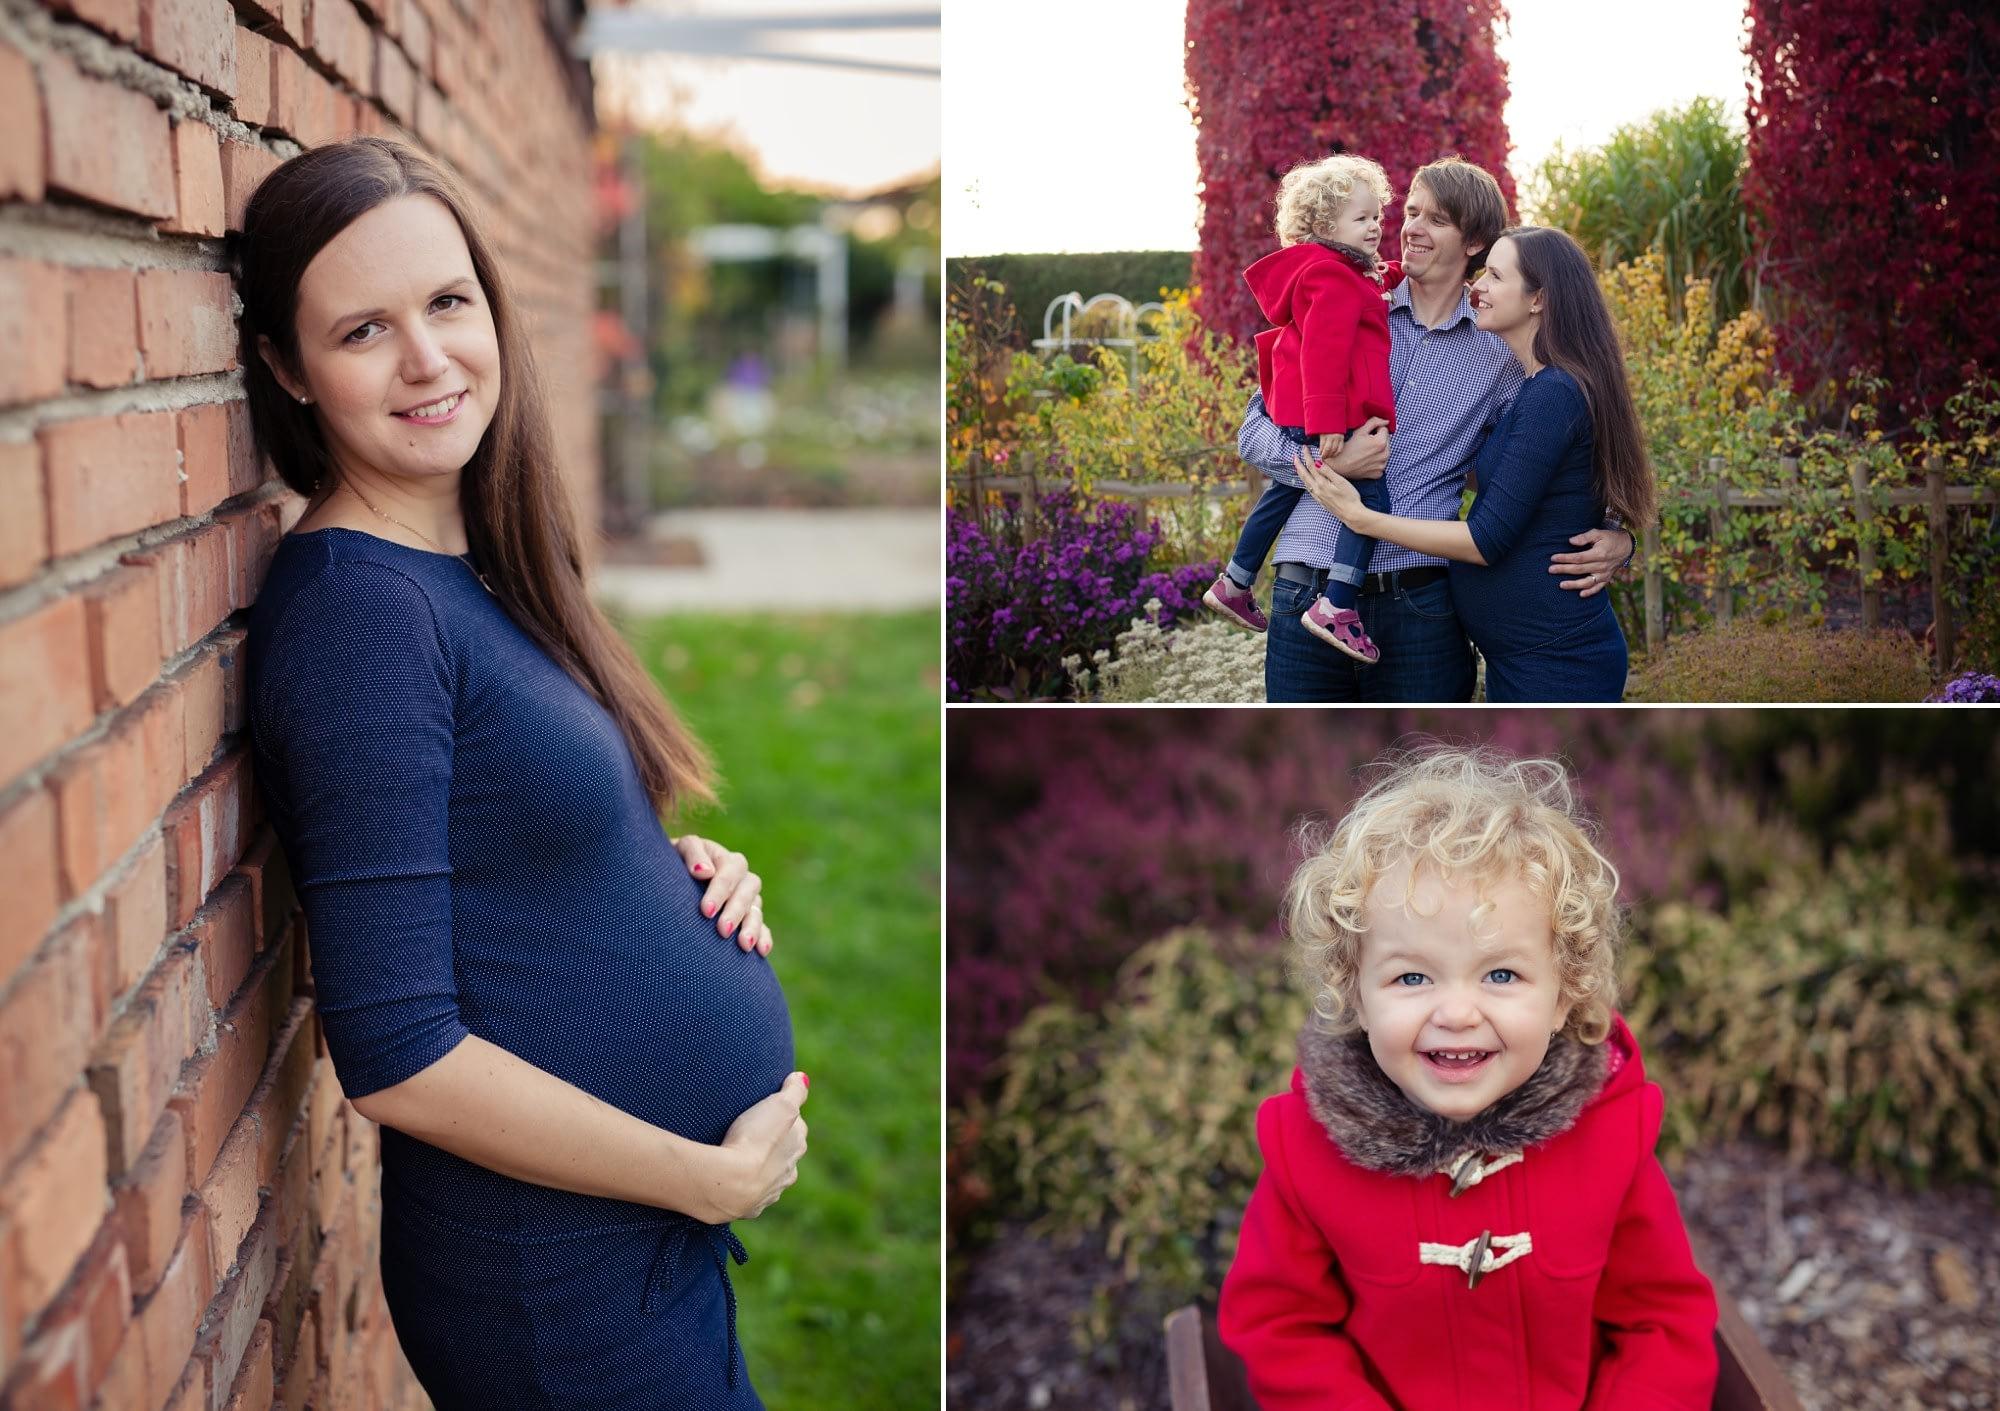 Rodinné těhotenské focení v přírodě v Dendrologické zahradě